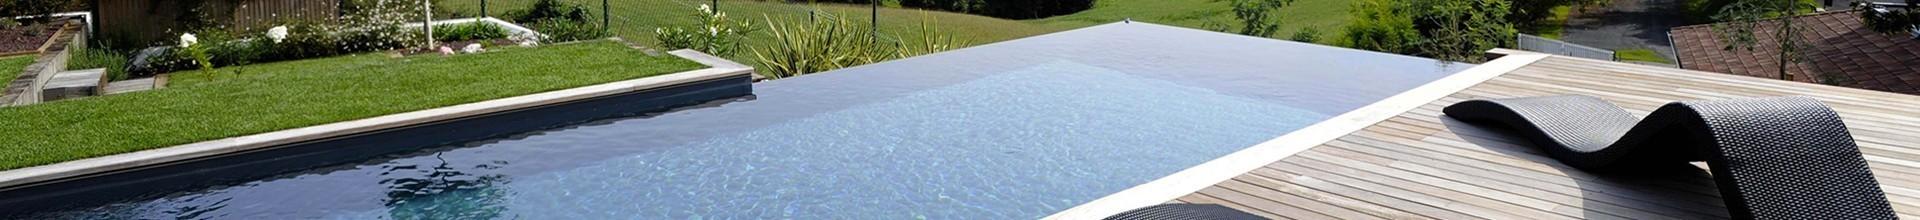 Constructeur piscine discount Bourgogne Franche Comté